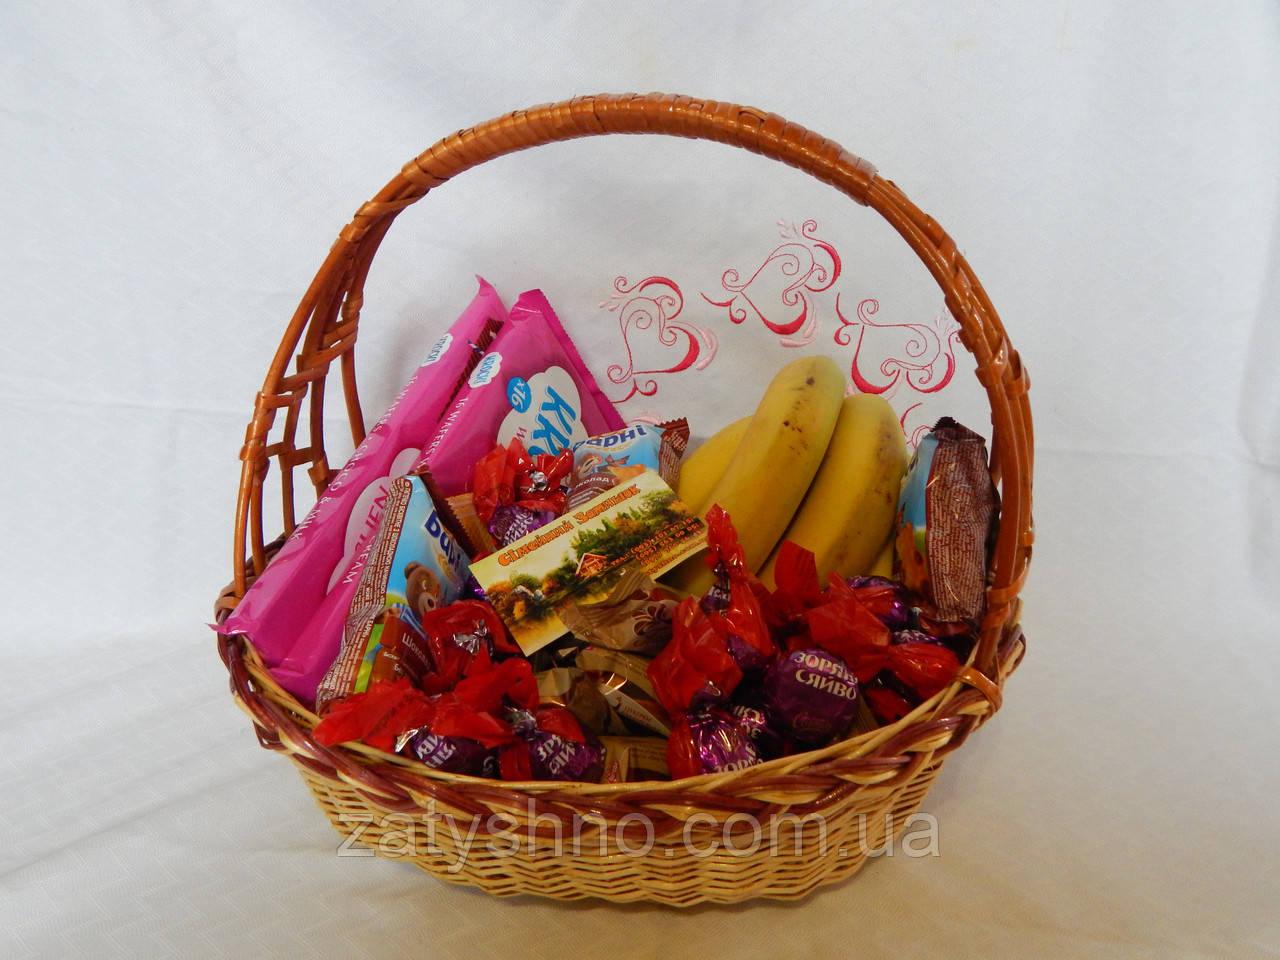 Подарочная конфетная корзина